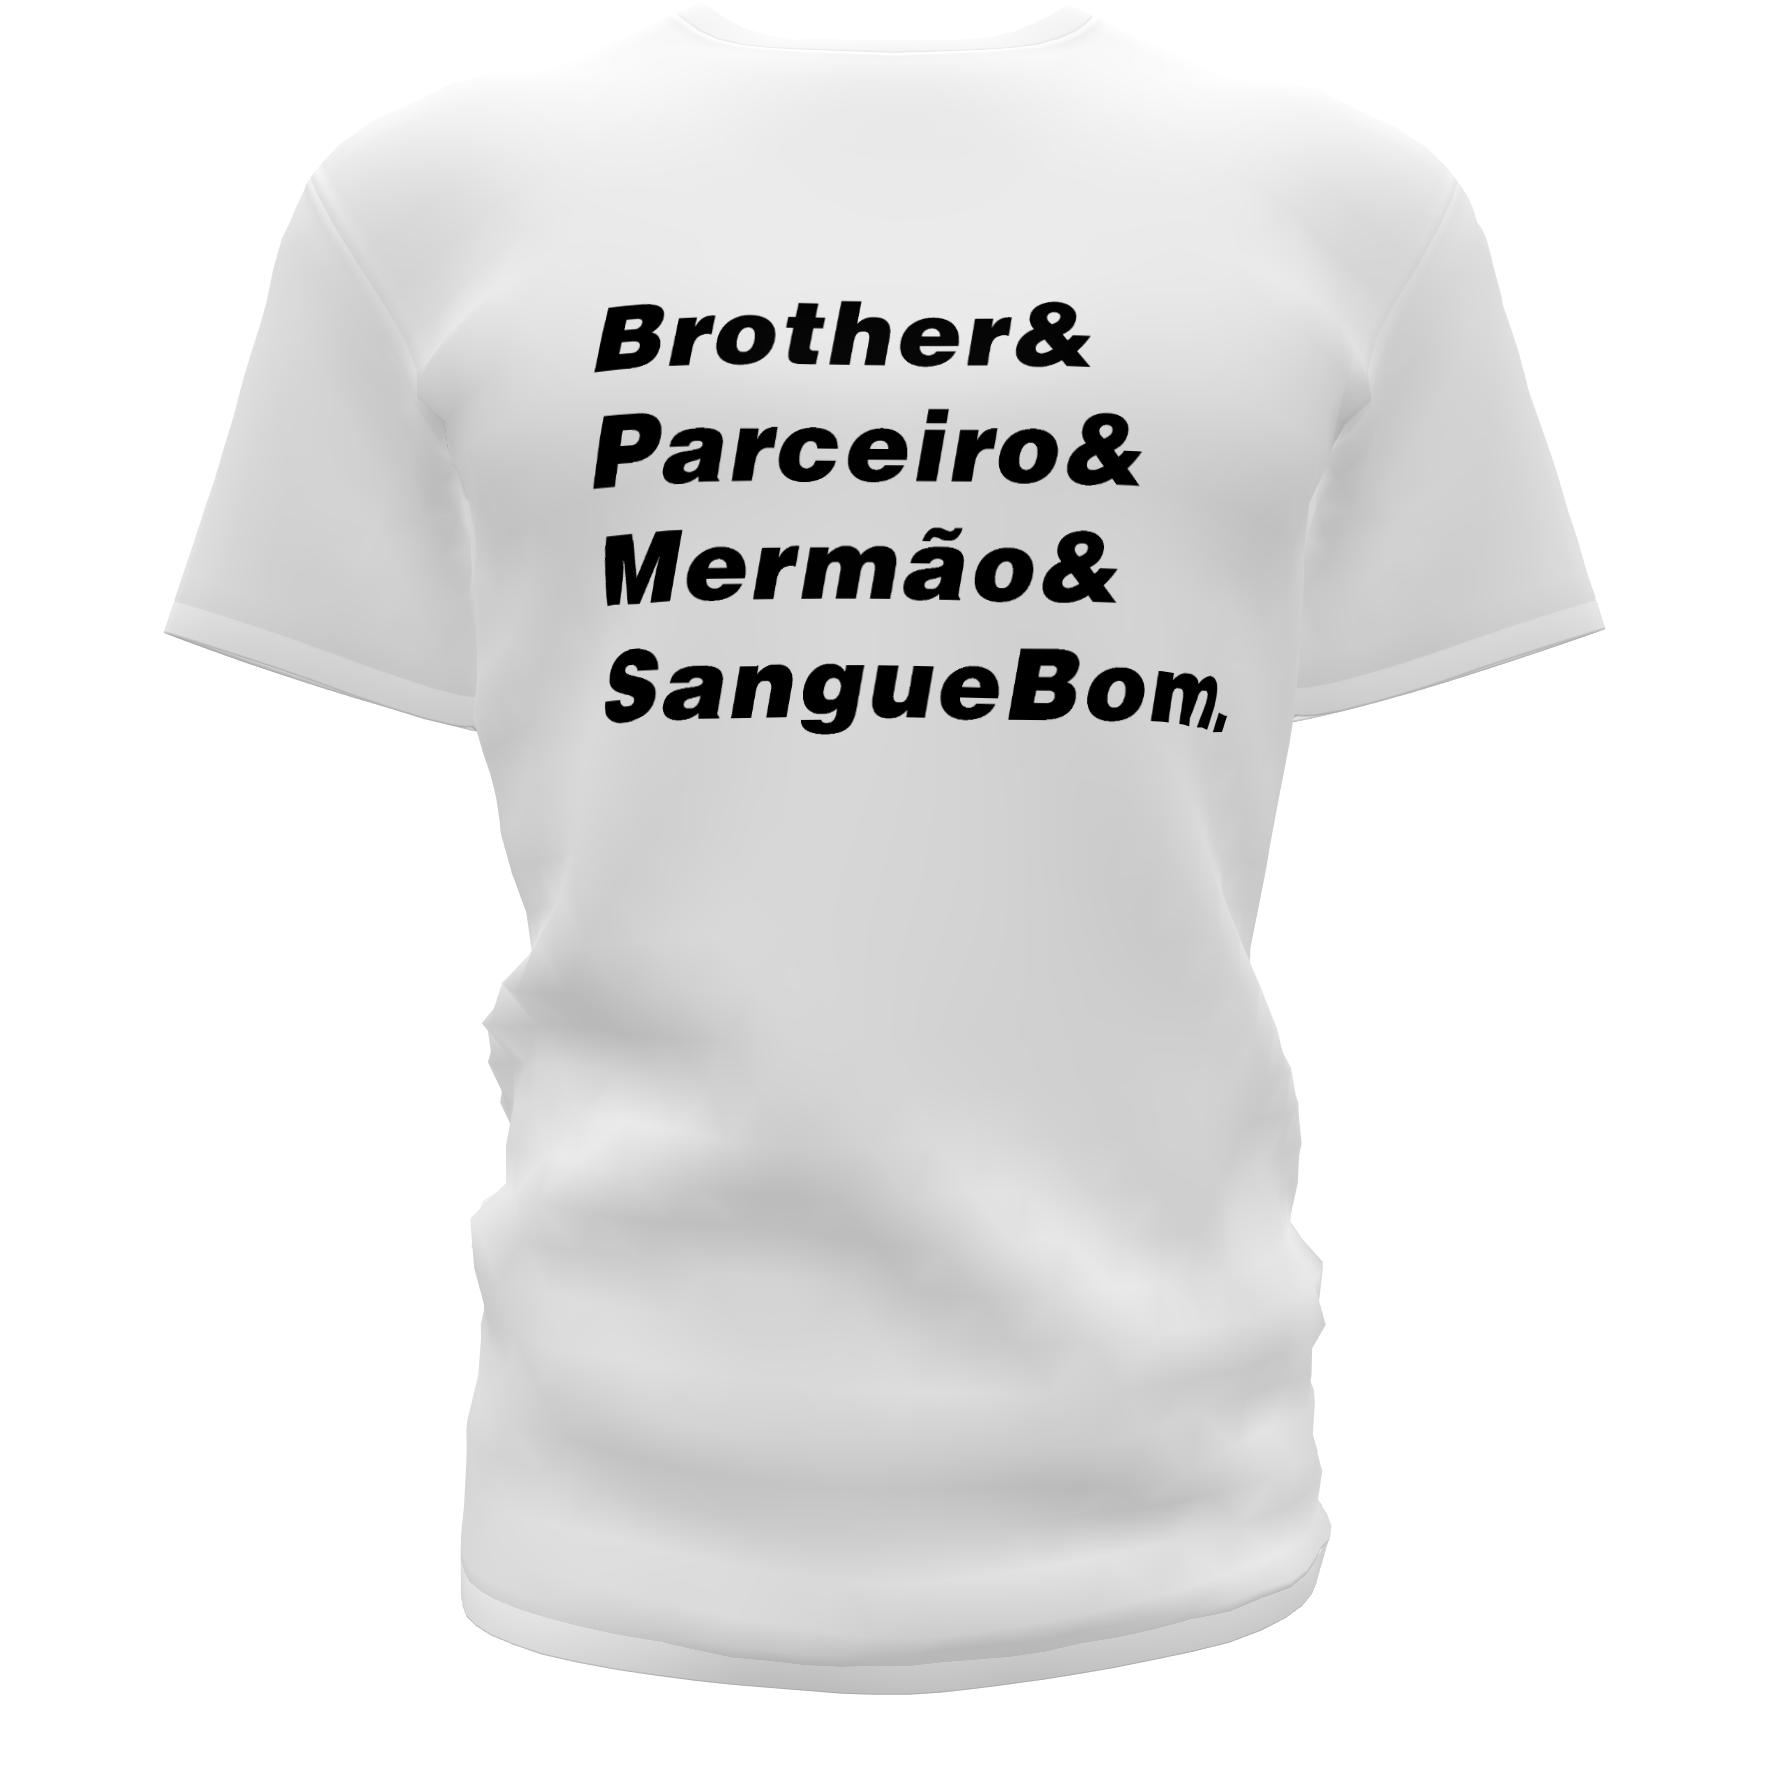 Camisetas Personalizadas de Amizade